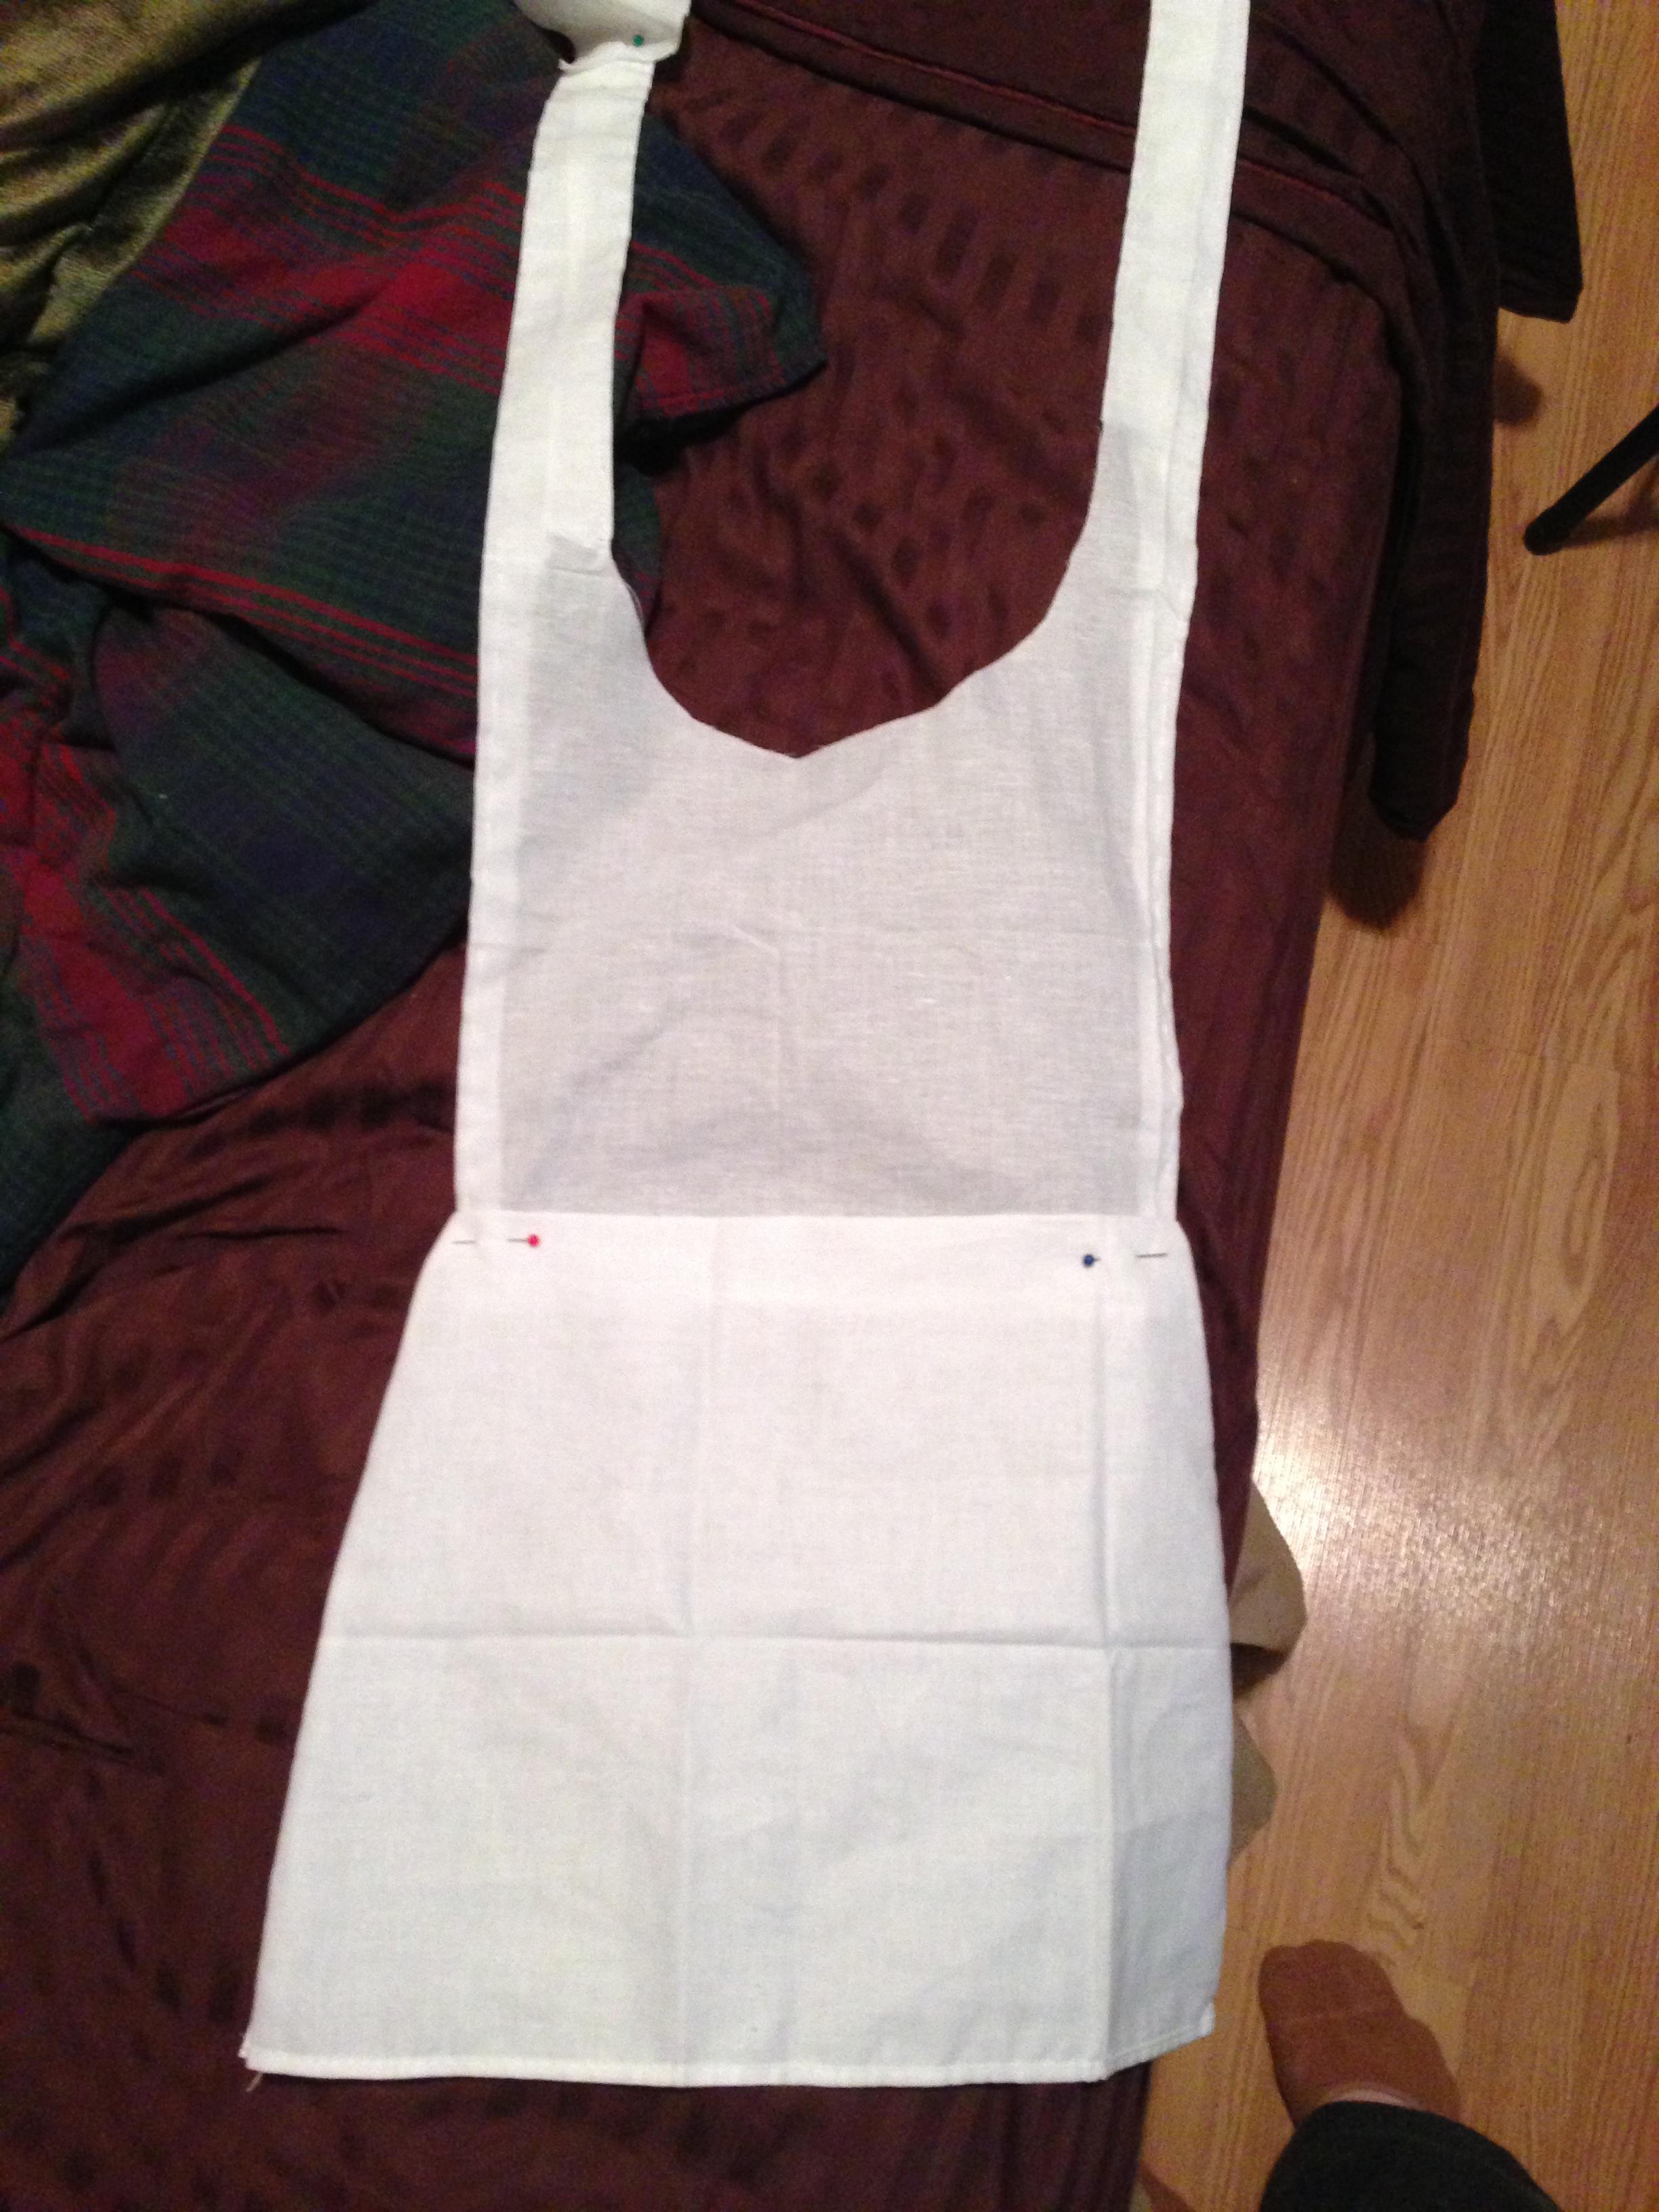 White apron like alice - I